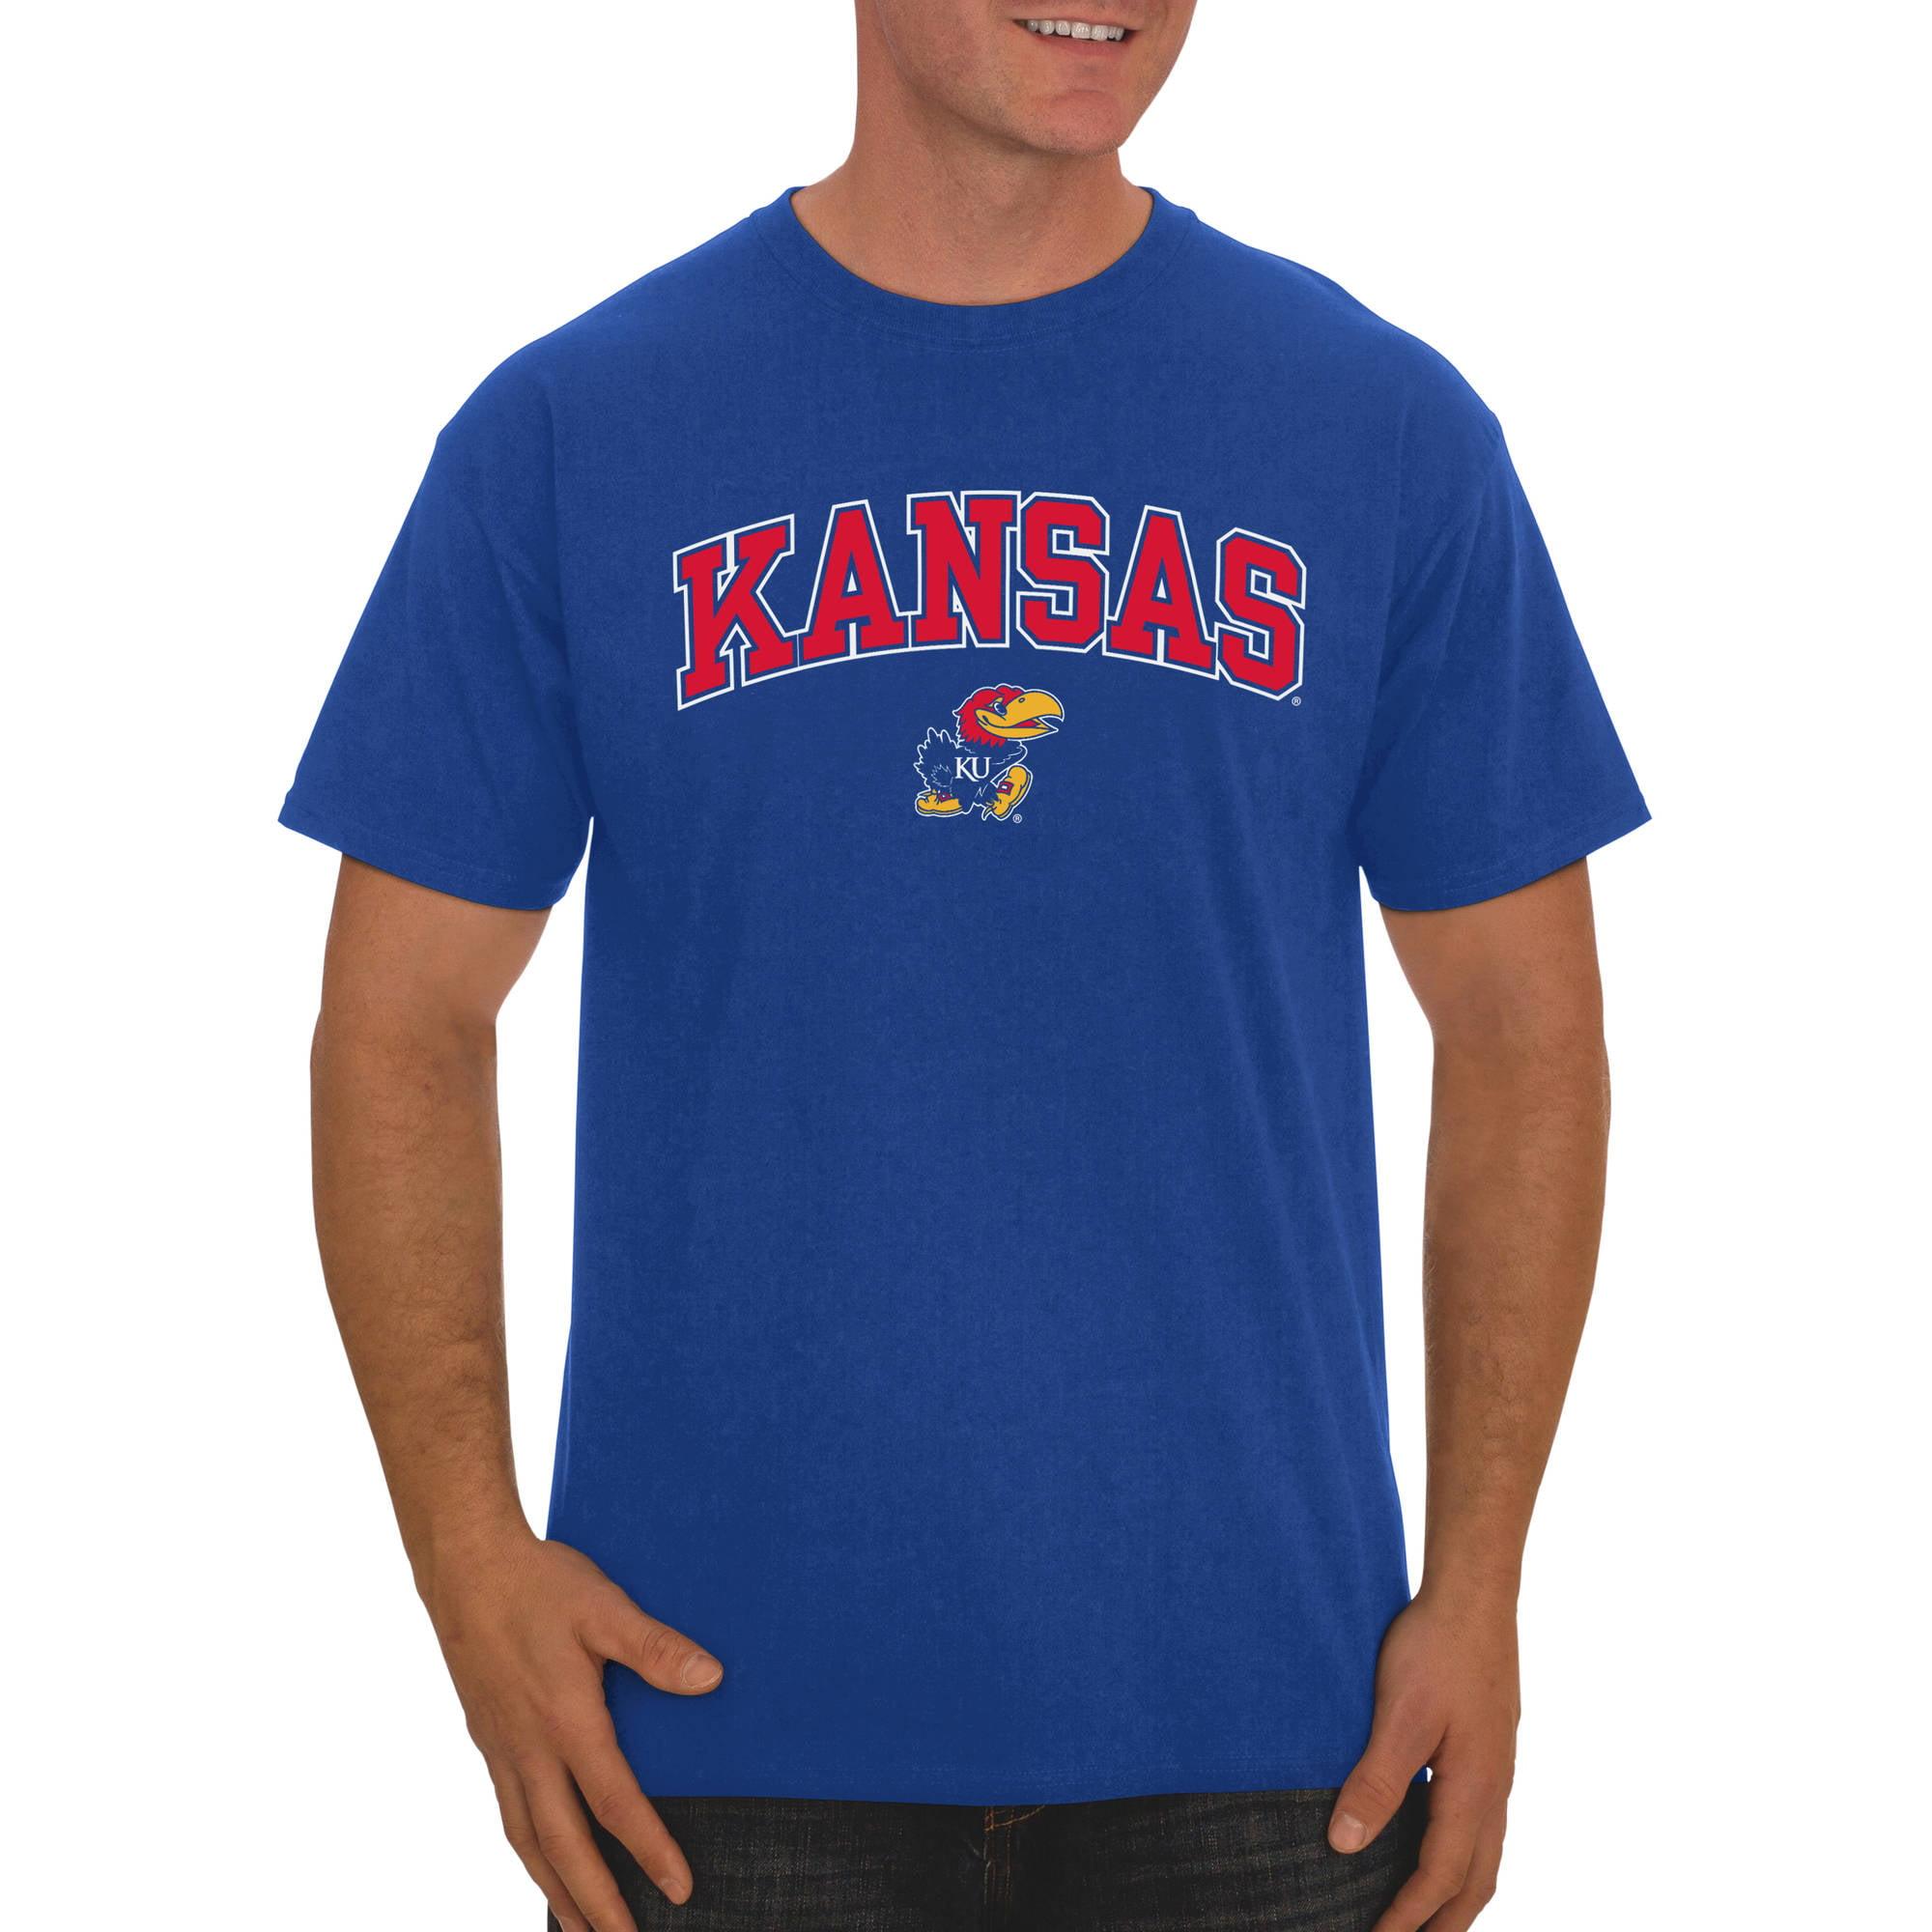 Russell NCAA  Kansas Jayhawks, Men's Classic Cotton T-Shirt